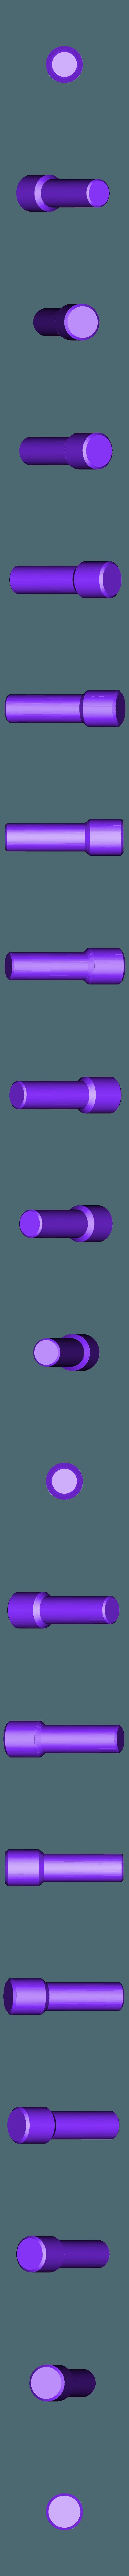 lug_lapper_pusher_2.stl Télécharger fichier STL gratuit Laveuse de boulons à large anneau Mauser • Modèle à imprimer en 3D, Punisher_4u